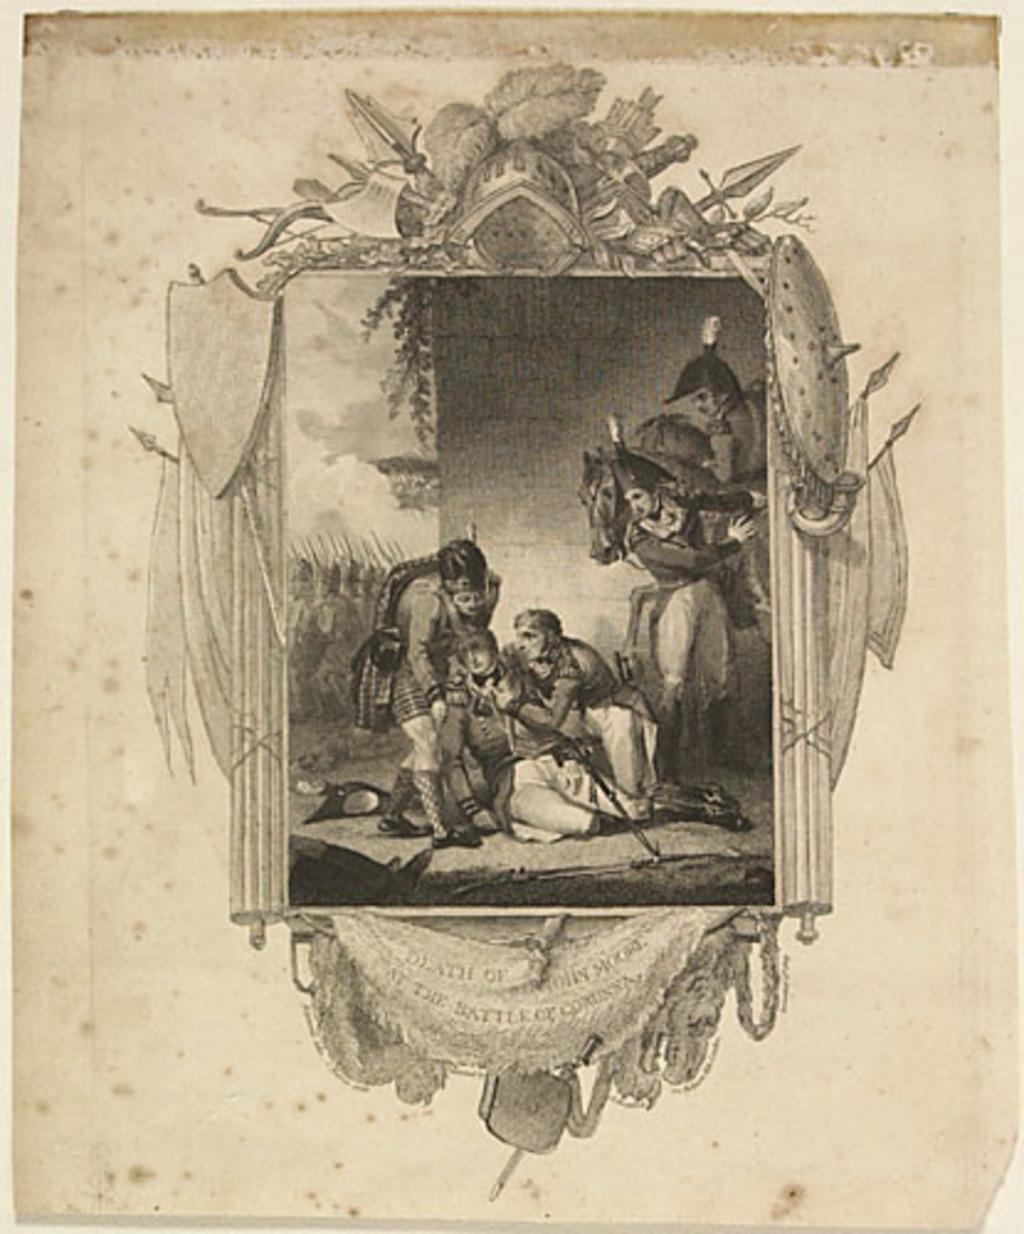 Mort de sir John Moore à la bataille de Corunna, extrait de l'ouvrage Histoire de l'Angleterre de Theophilus Camden